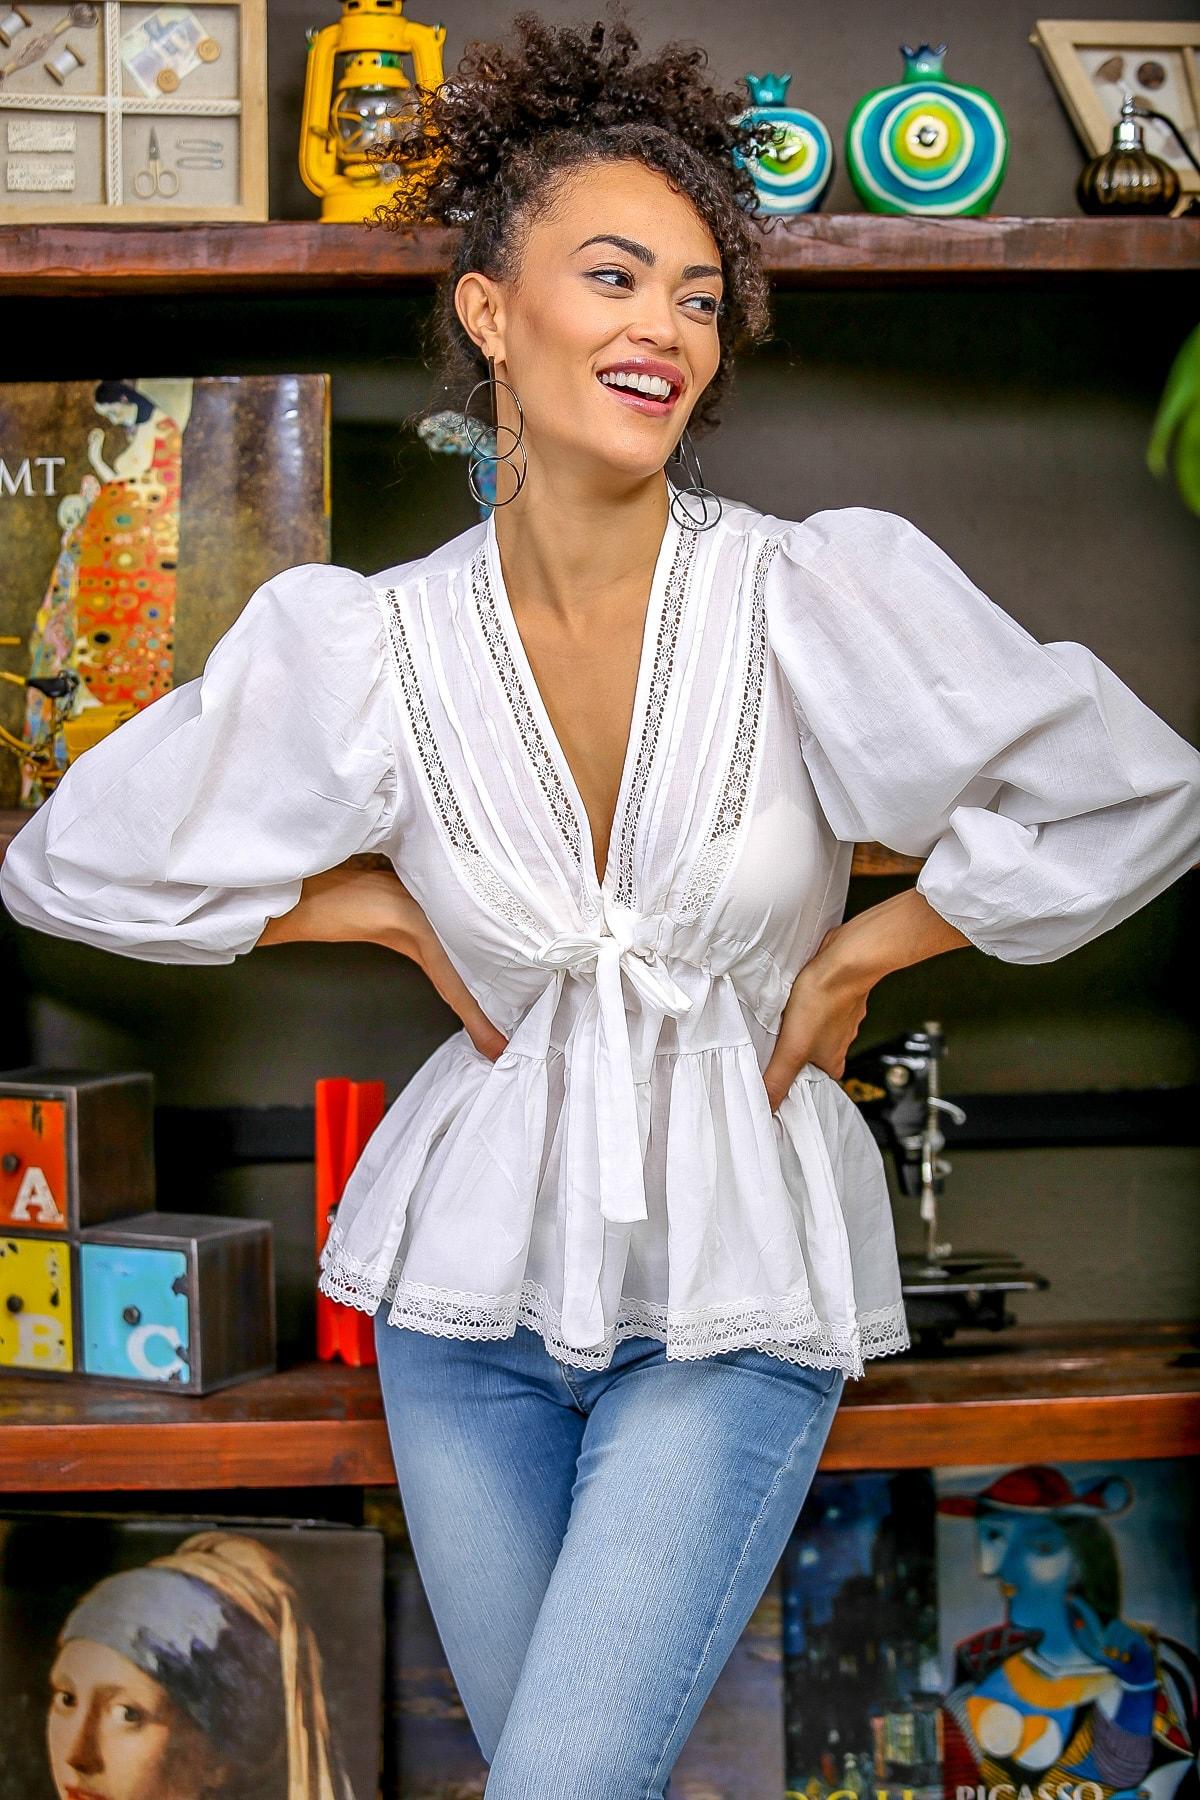 Chiccy Kadın Beyaz Dantel Detaylı V Yaka Bağlamalı Büzgülü Balon Kol Etek Ucu Dantel Bluz M10010200BL96381 3